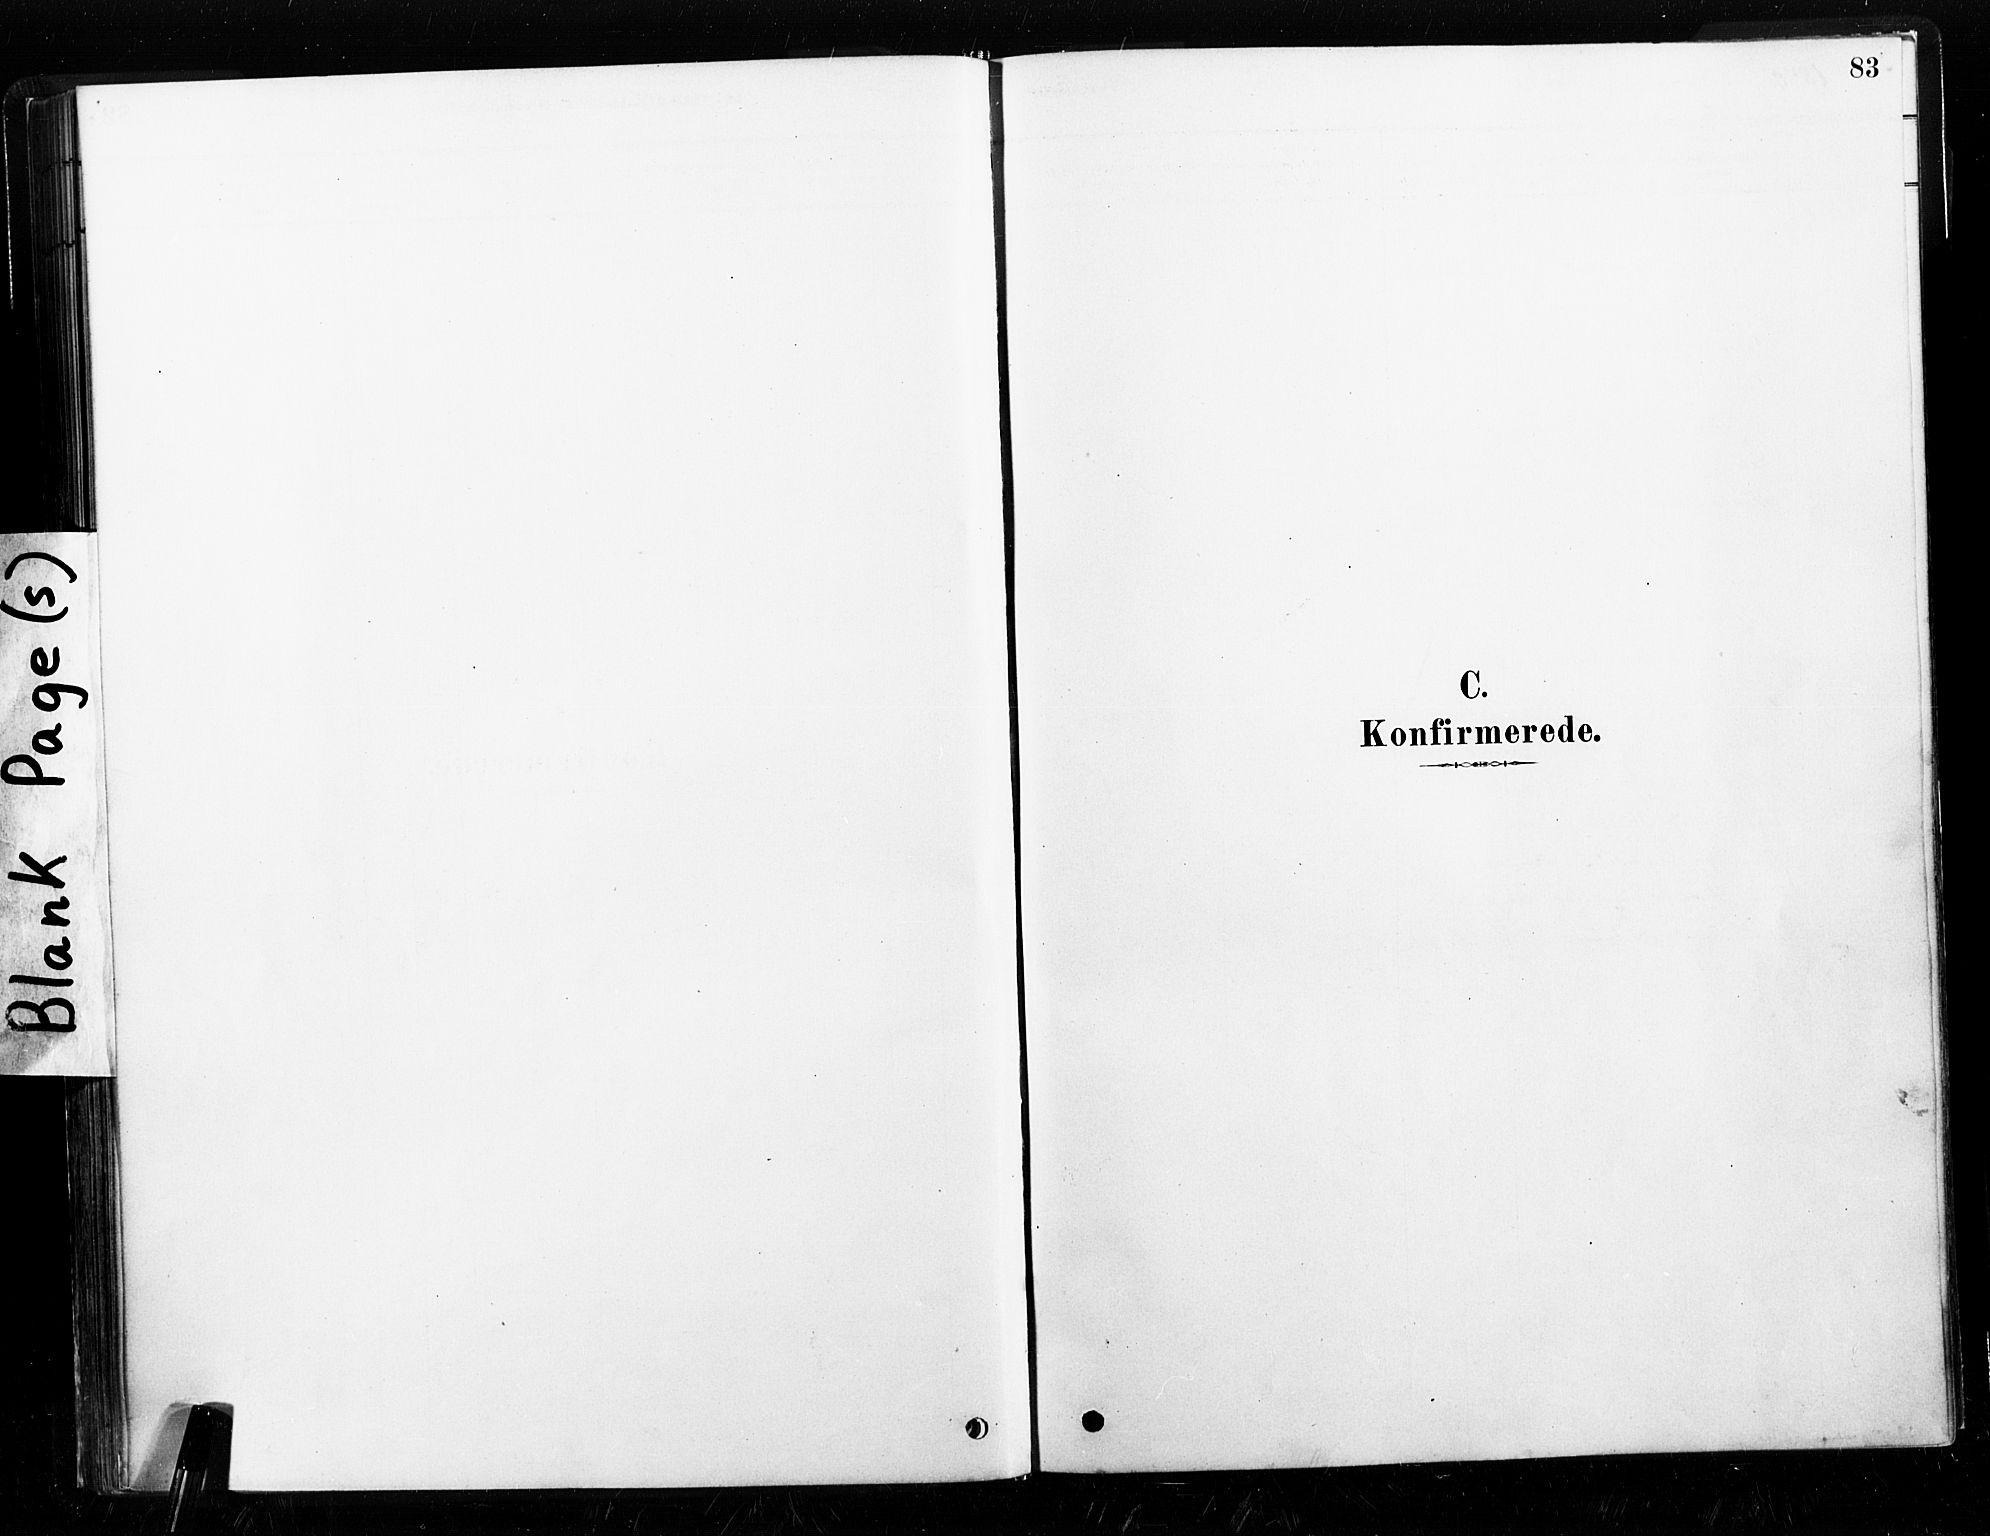 SAT, Ministerialprotokoller, klokkerbøker og fødselsregistre - Nord-Trøndelag, 789/L0705: Ministerialbok nr. 789A01, 1878-1910, s. 83